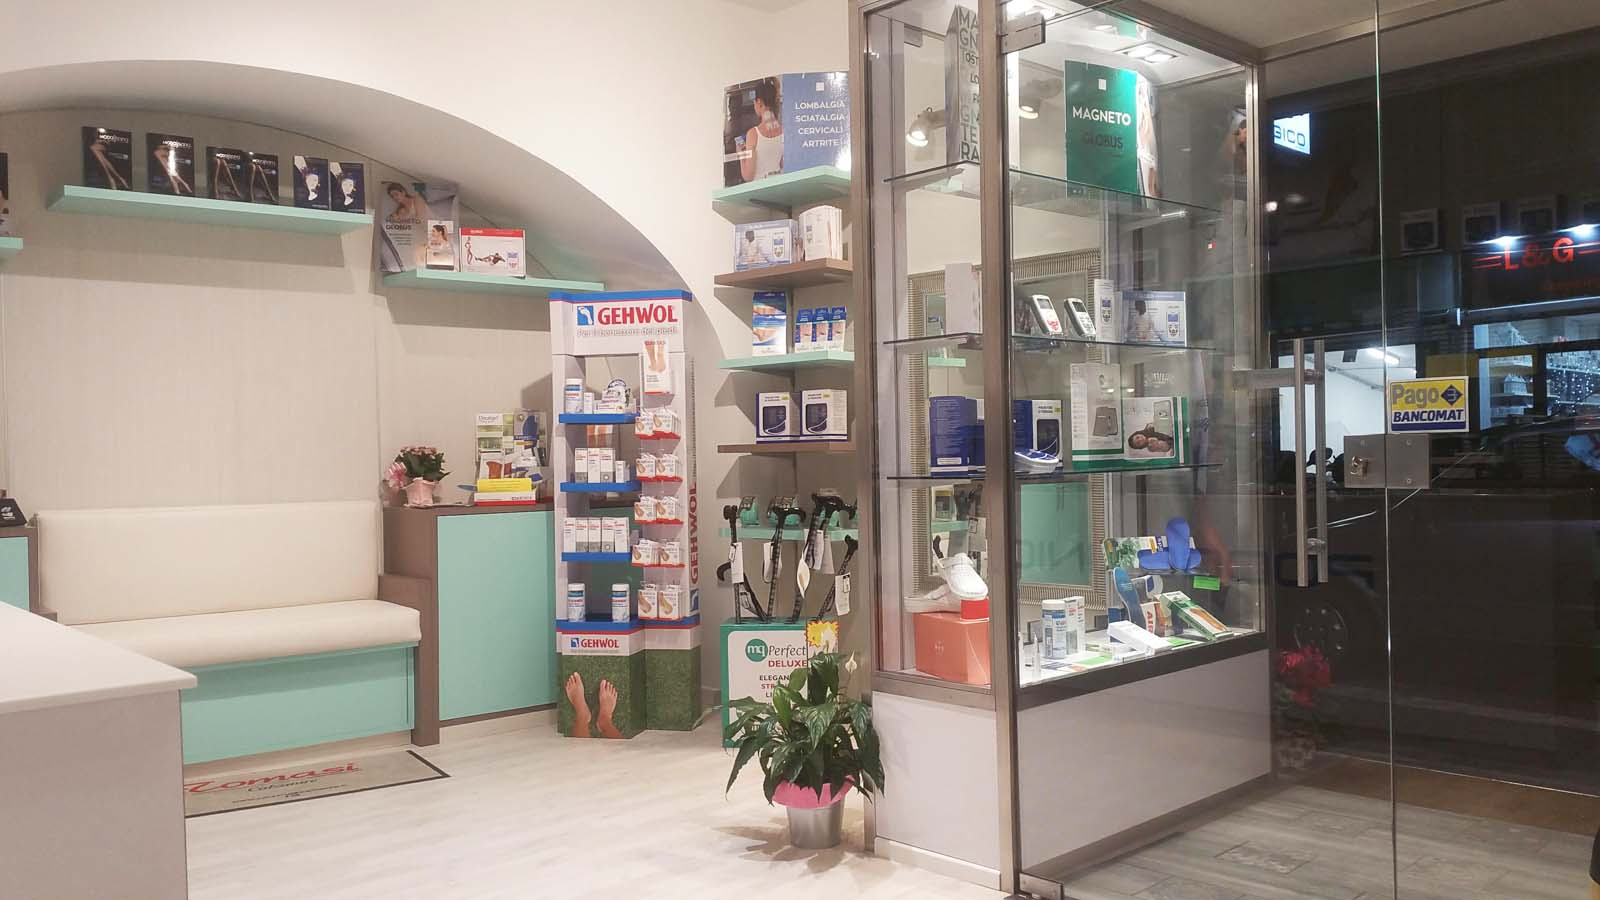 Arredo per negozi abbigliamento genova surgea for Arredamento negozi genova